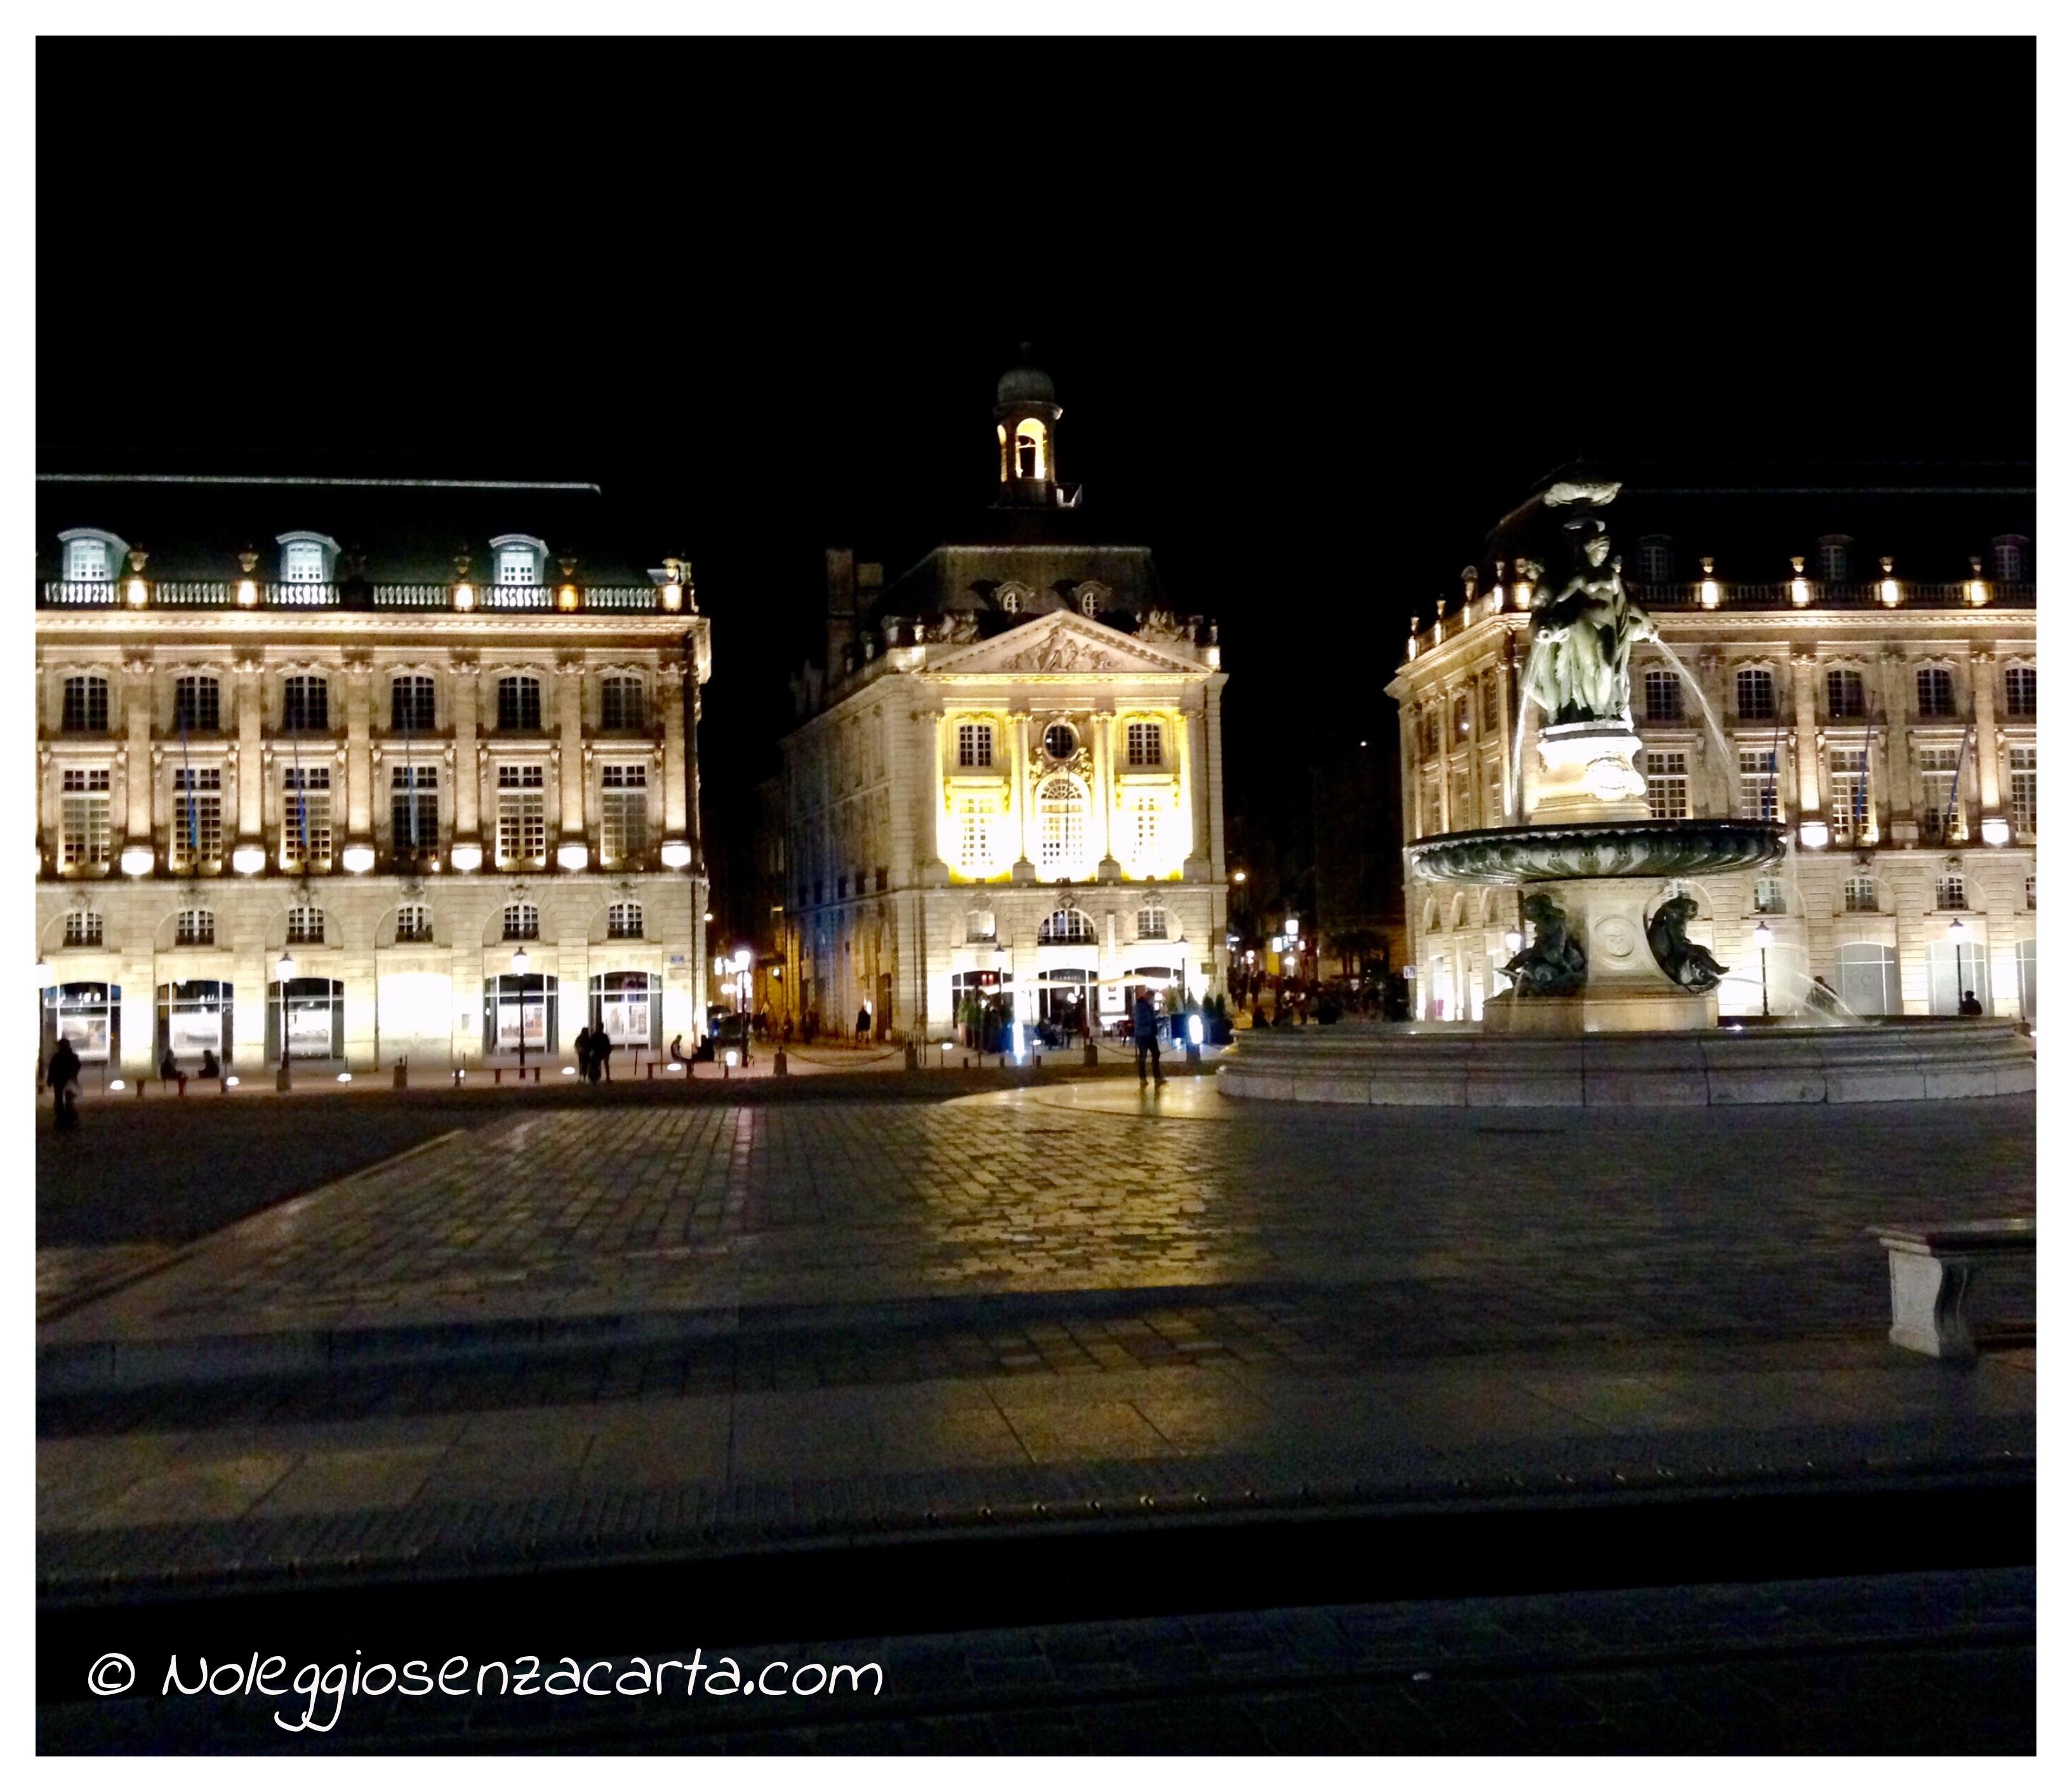 Noleggiare auto senza carta di credito a Bordeaux